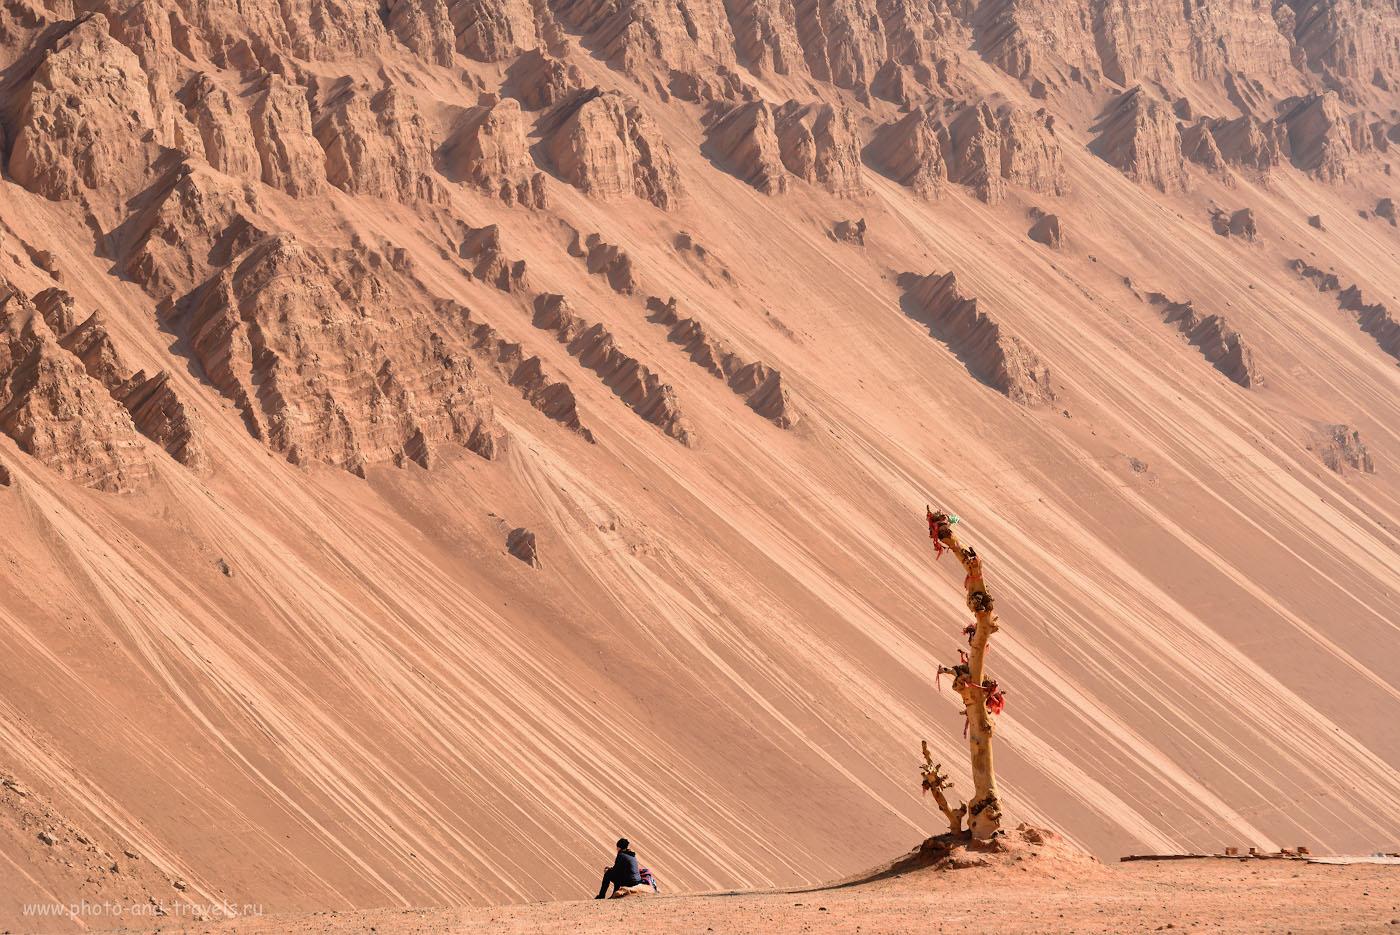 Фото 8. Катя и анчар в горах Богдо-Ула в пустыне Такла-Макан. Отчет о путешествии по окрестностям Урумчи в Китае. 1/320, +1.0, 8.0, 400, 140.